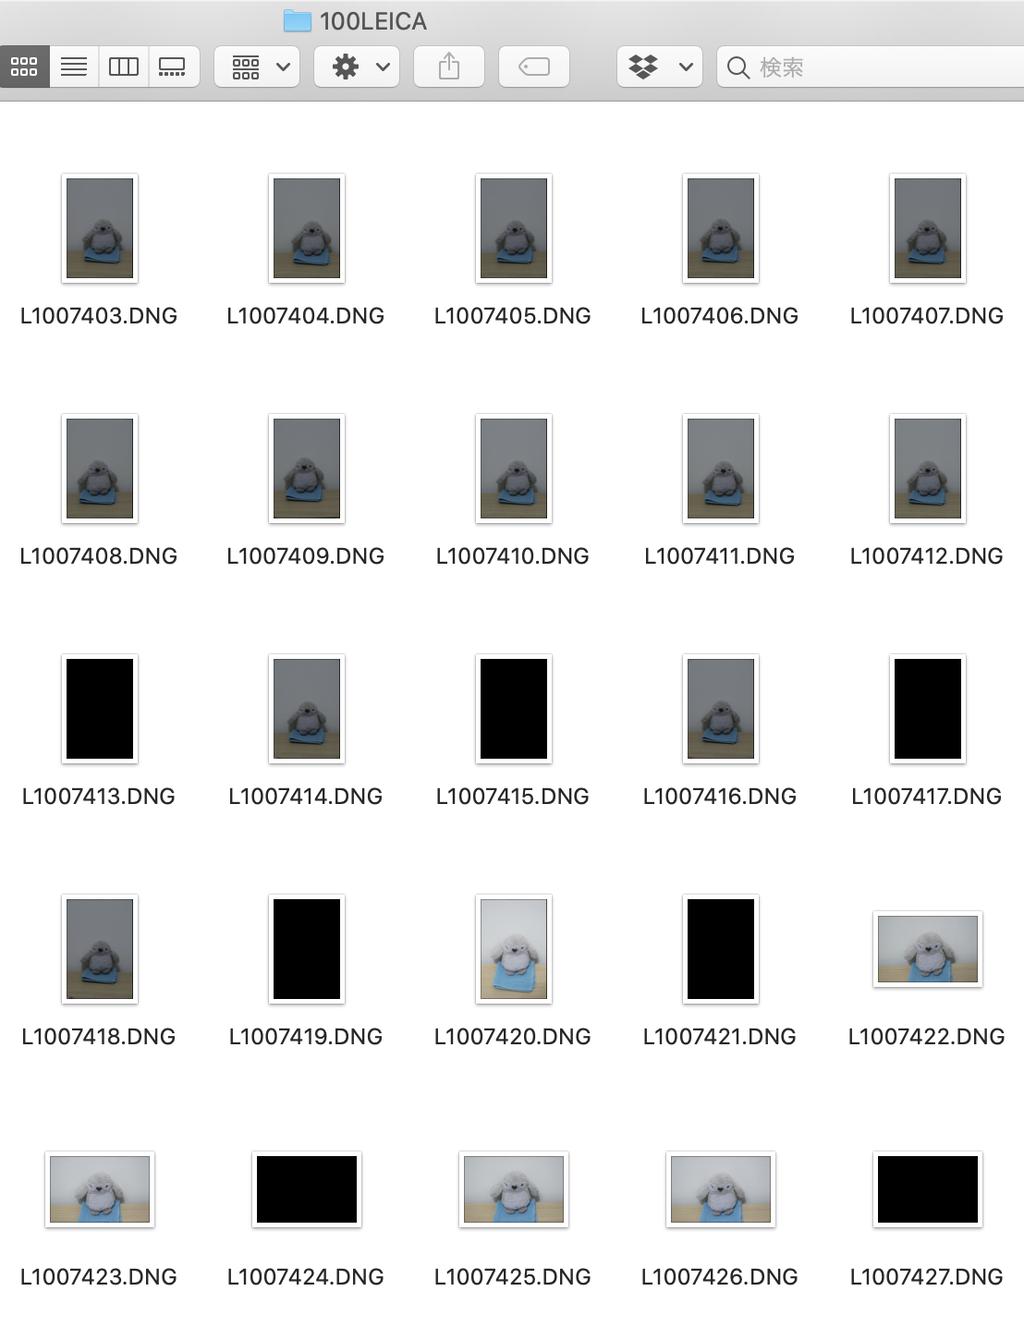 スクリーンショット 2020-12-26 20.46.16